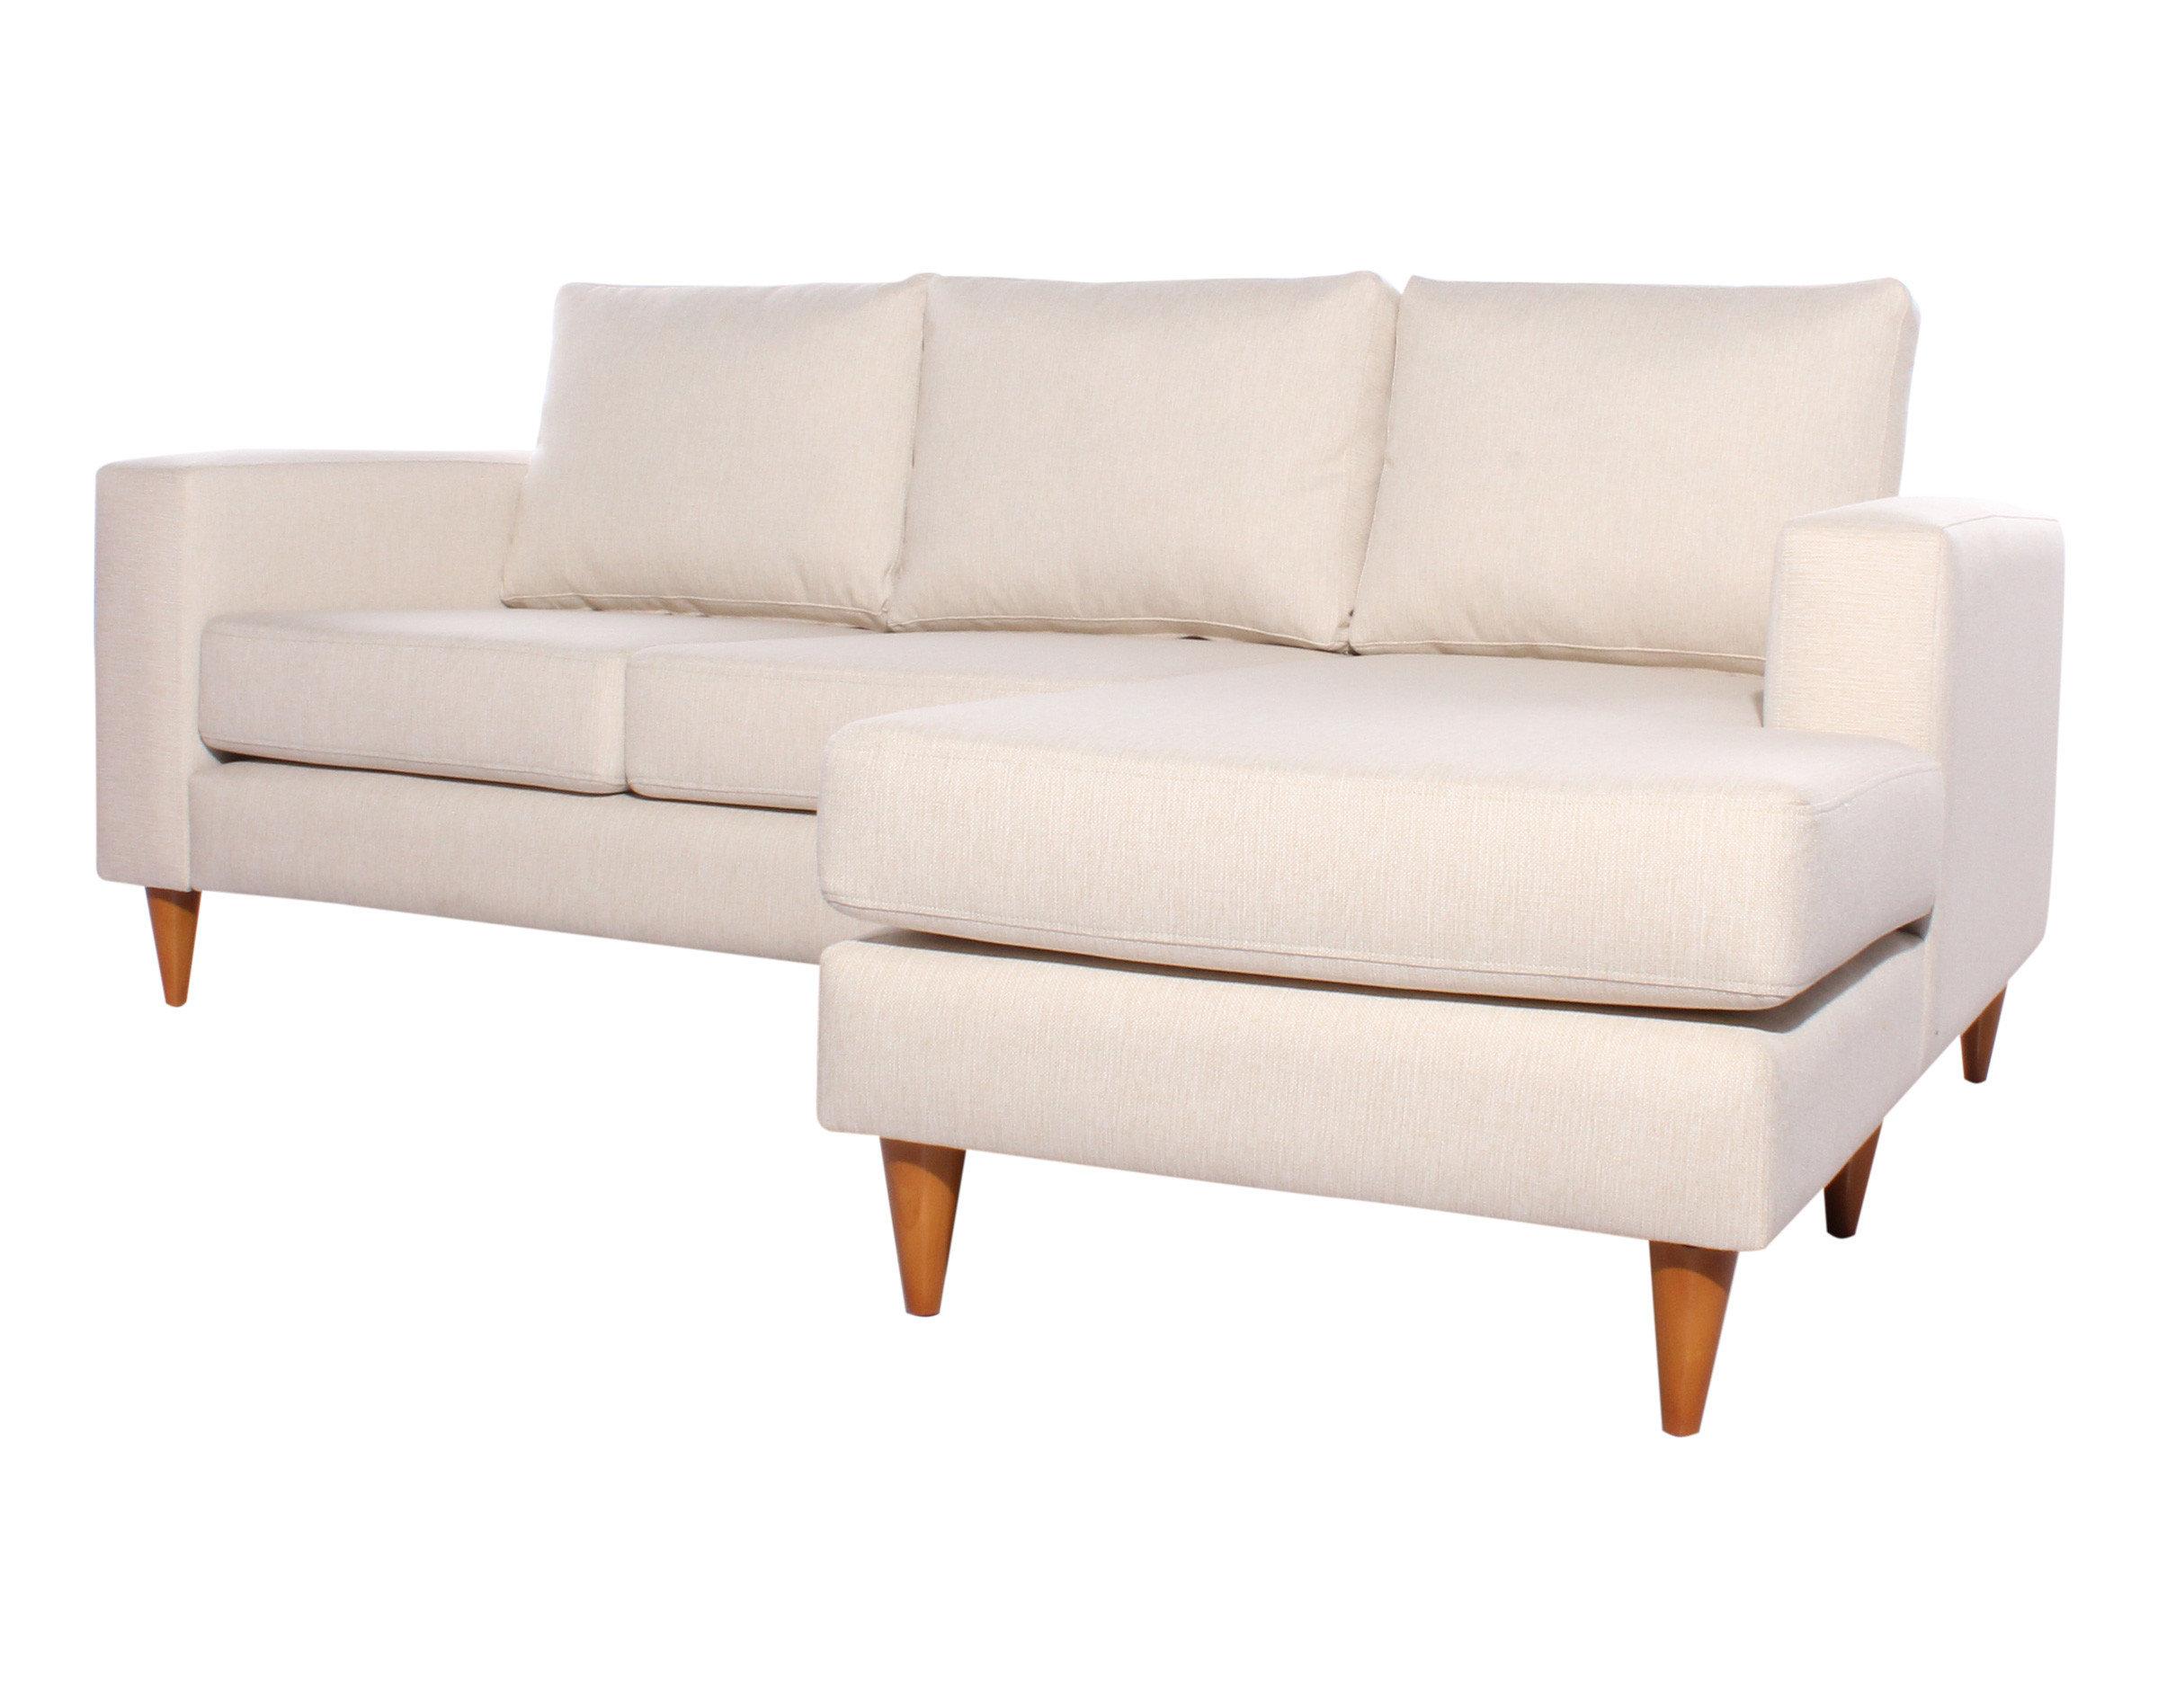 Sofa seccional Tai derecho XSD beige iso